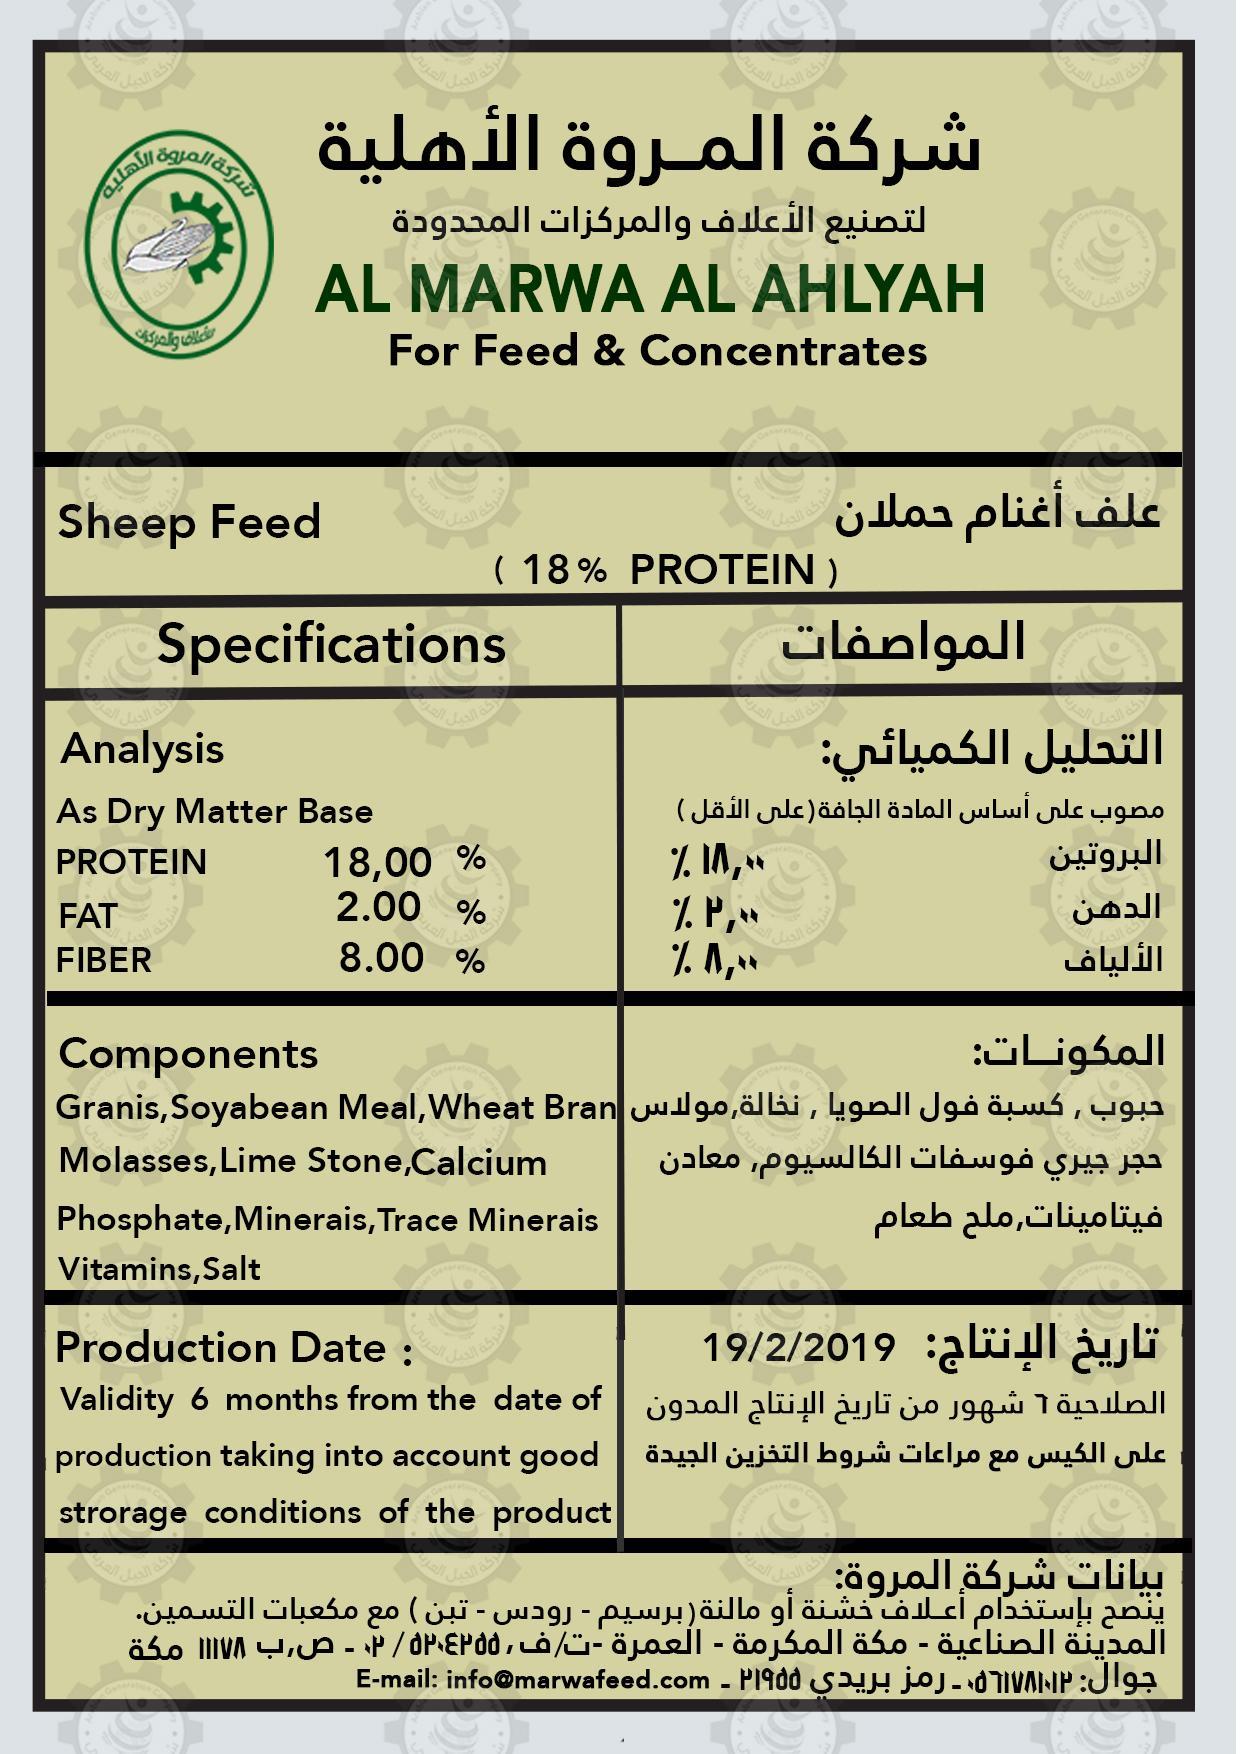 أعلاف للبيع شركة الجيل العربي d.php?hash=1WVP8TO1N